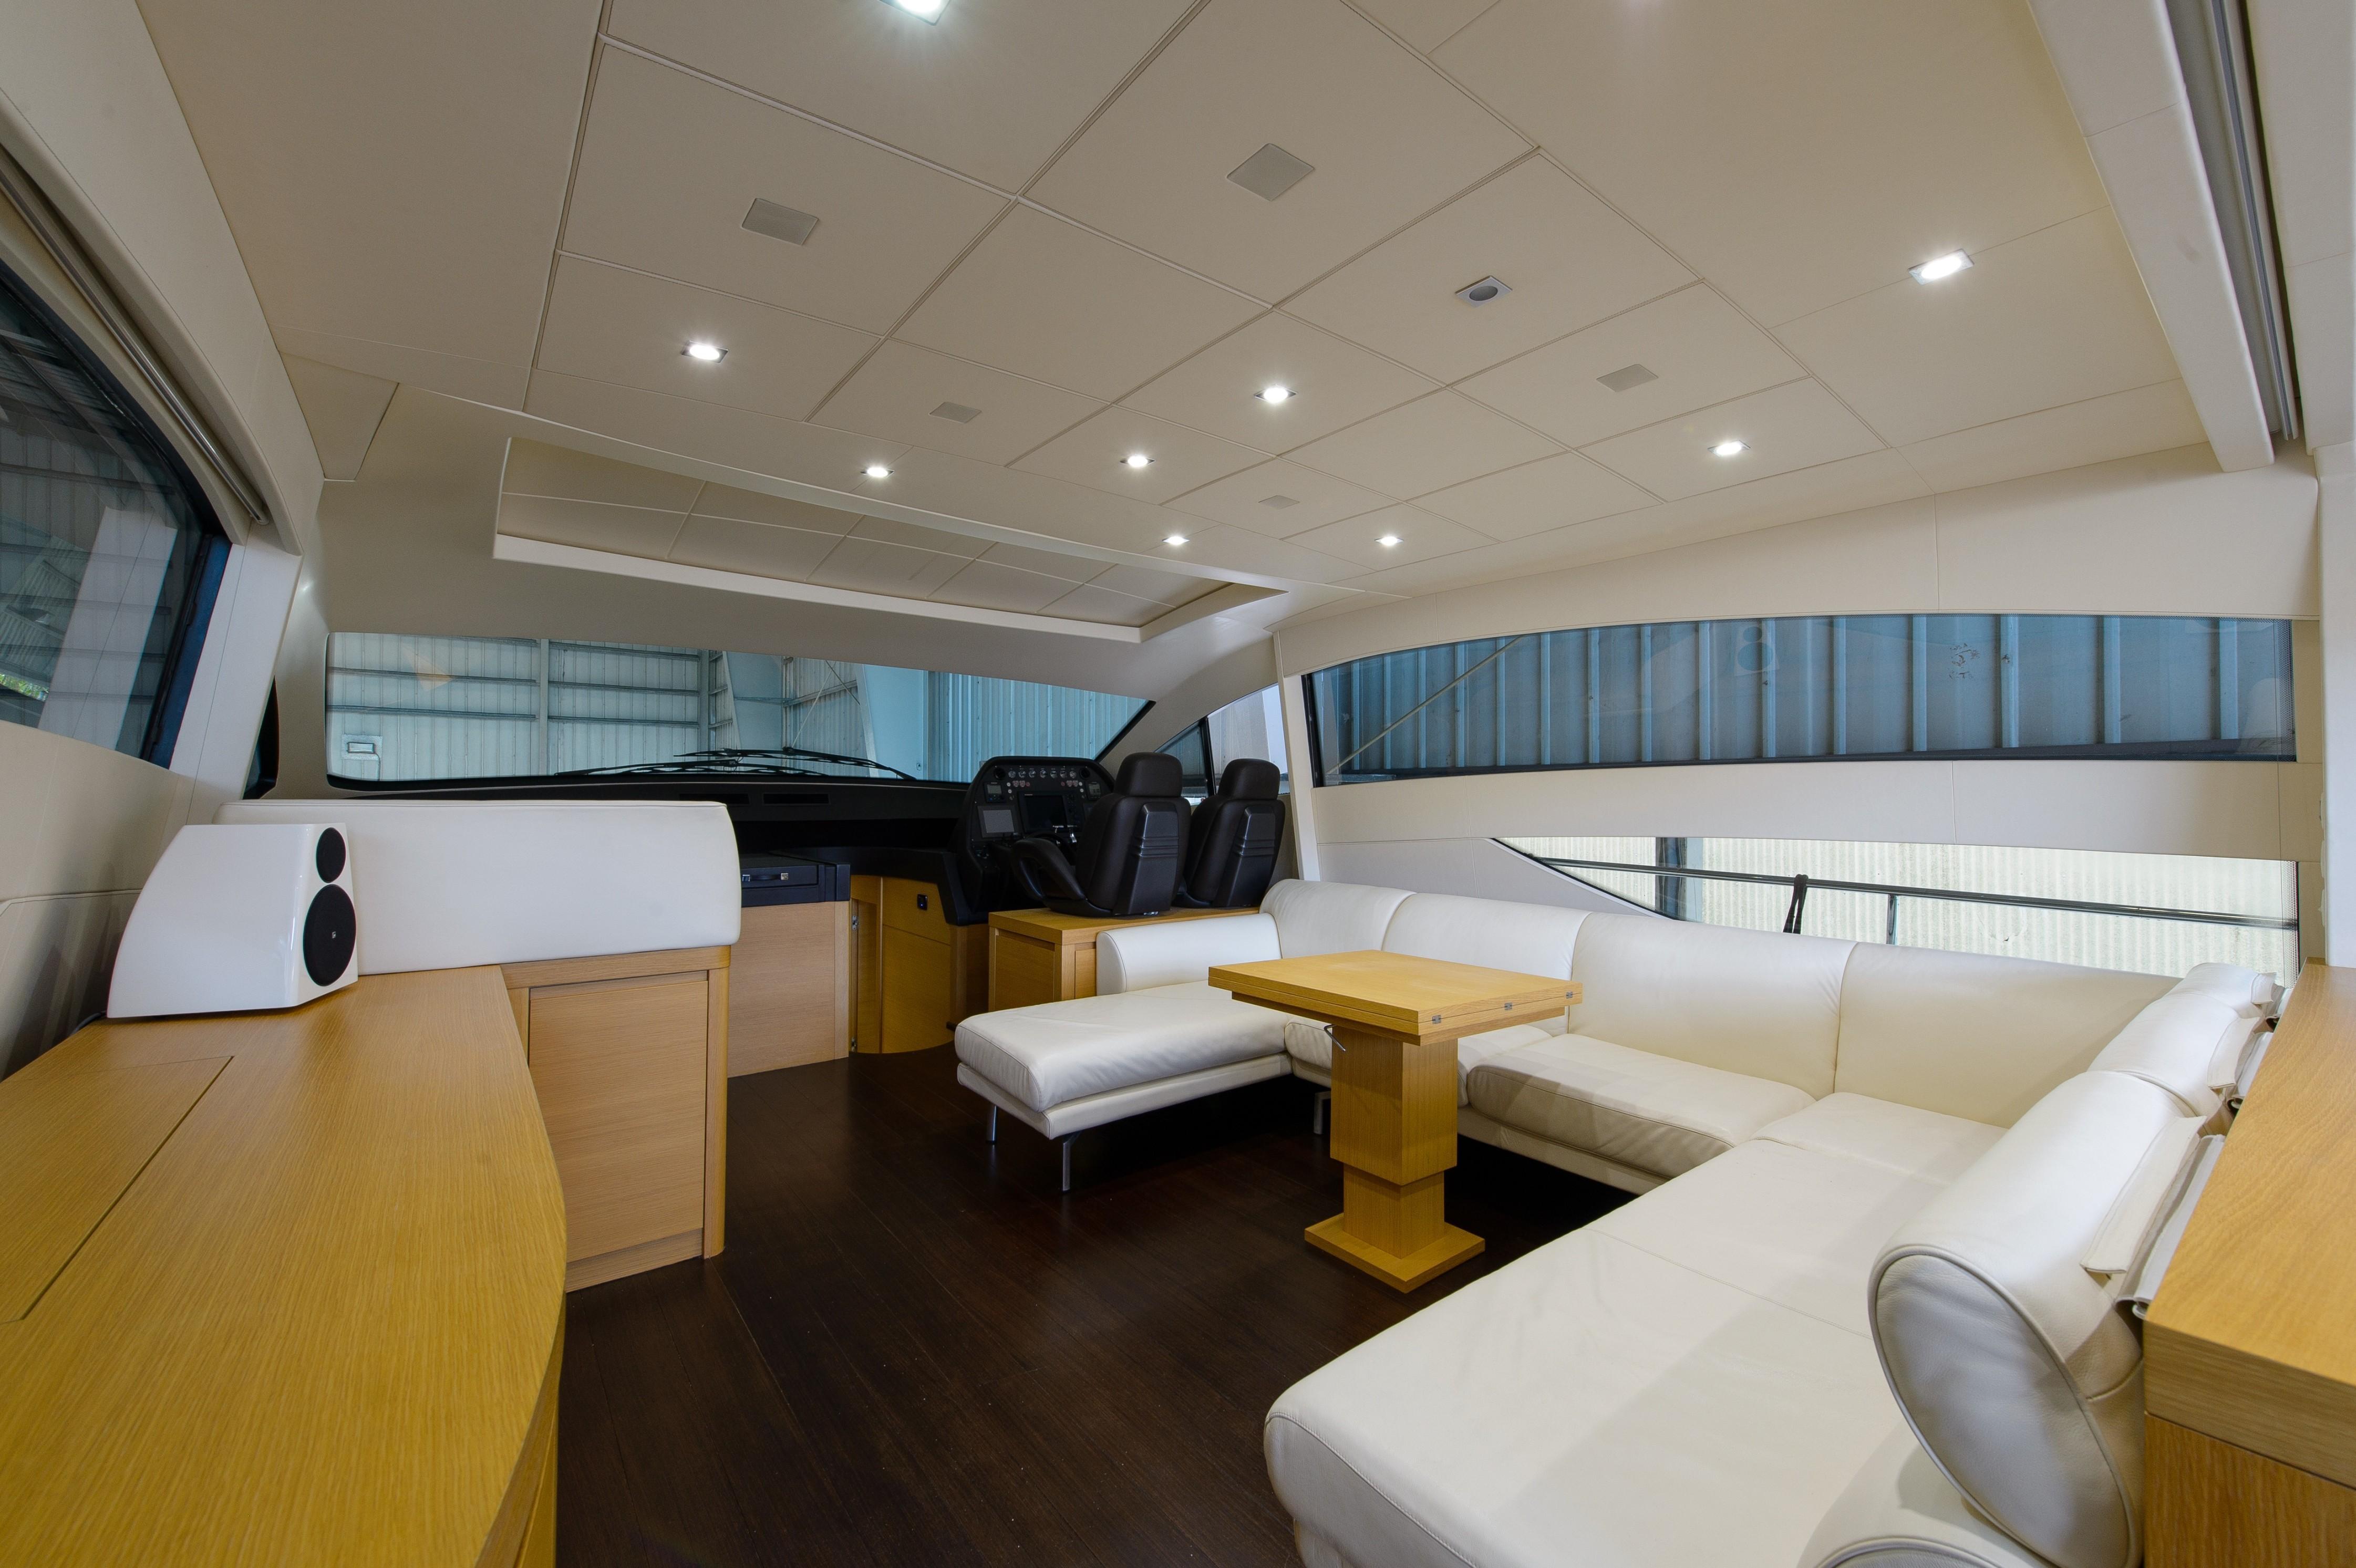 2012 Pershing 64 - Salon